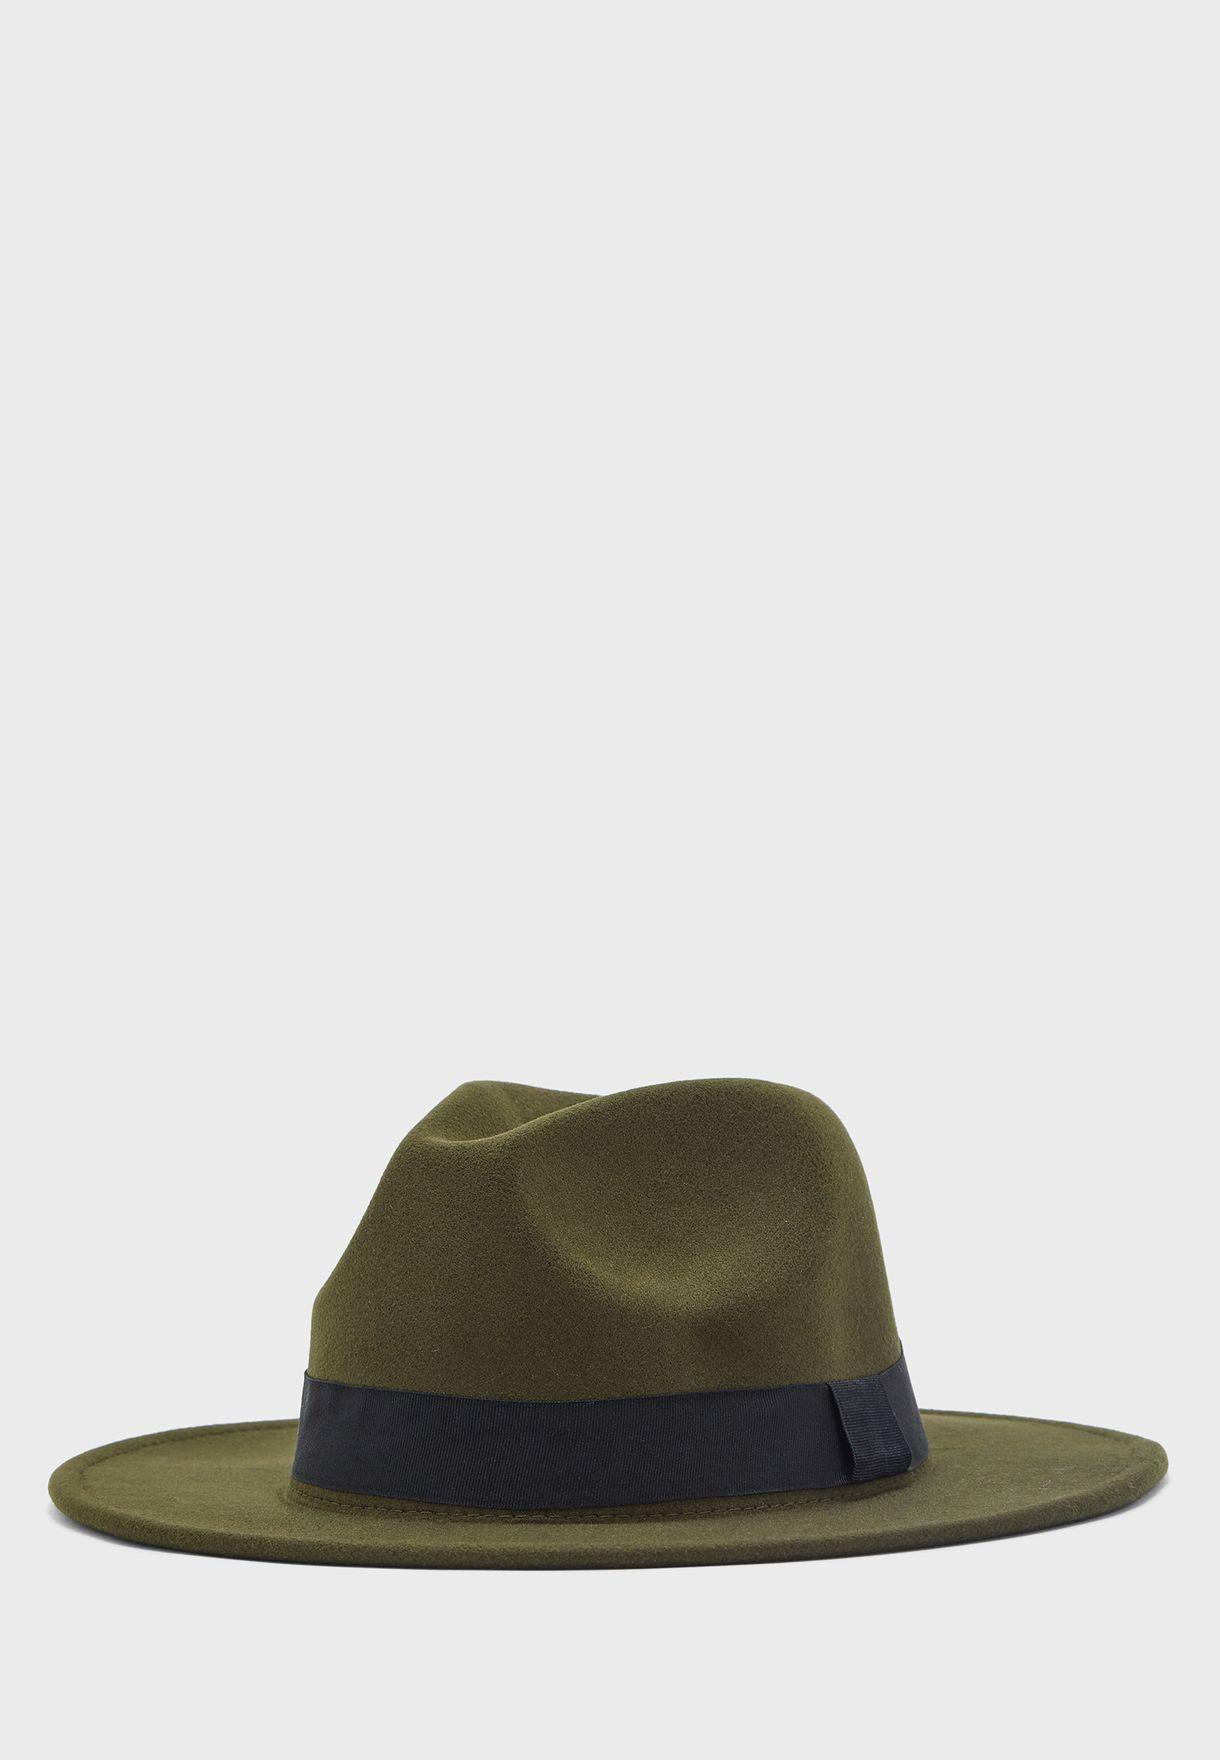 قبعة عصرية